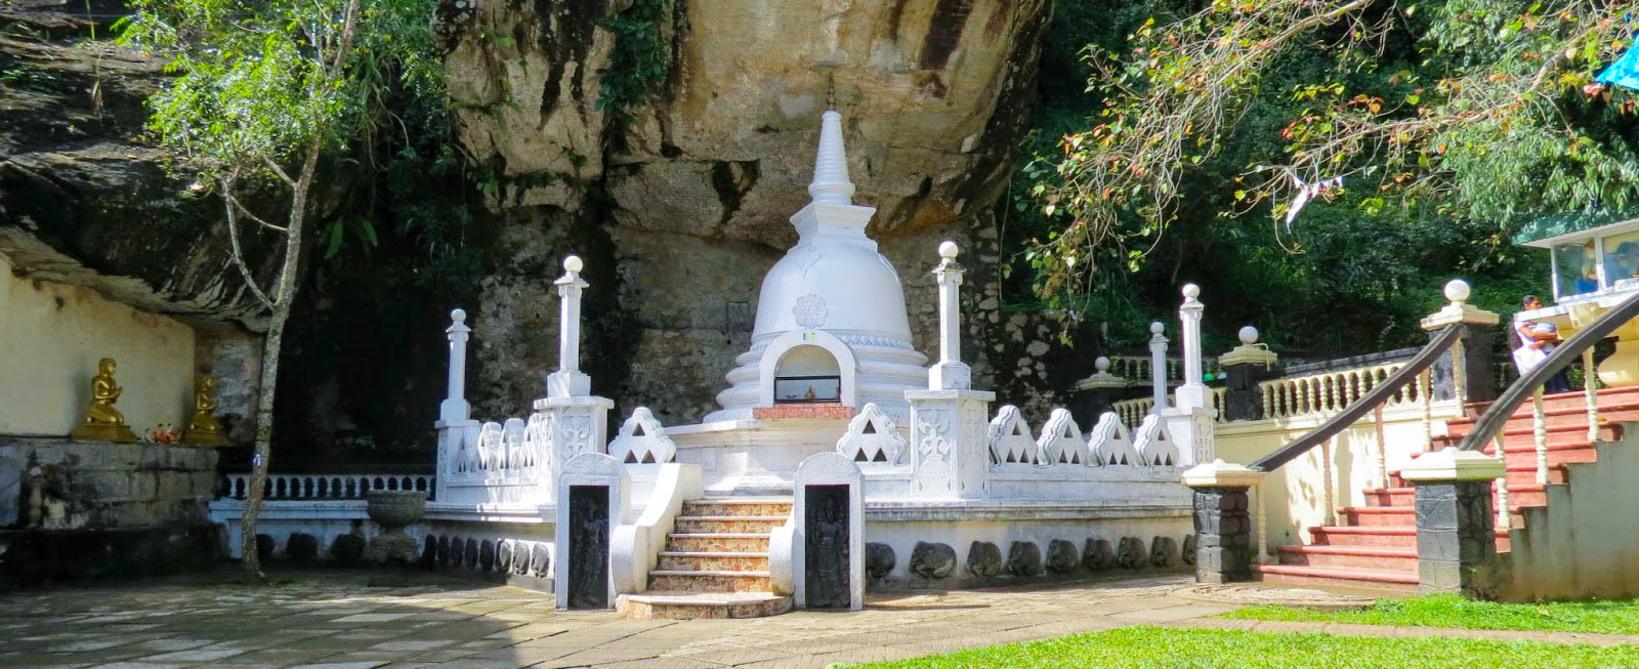 Ranawana Purana Rajamaha Viharaya, Kandy